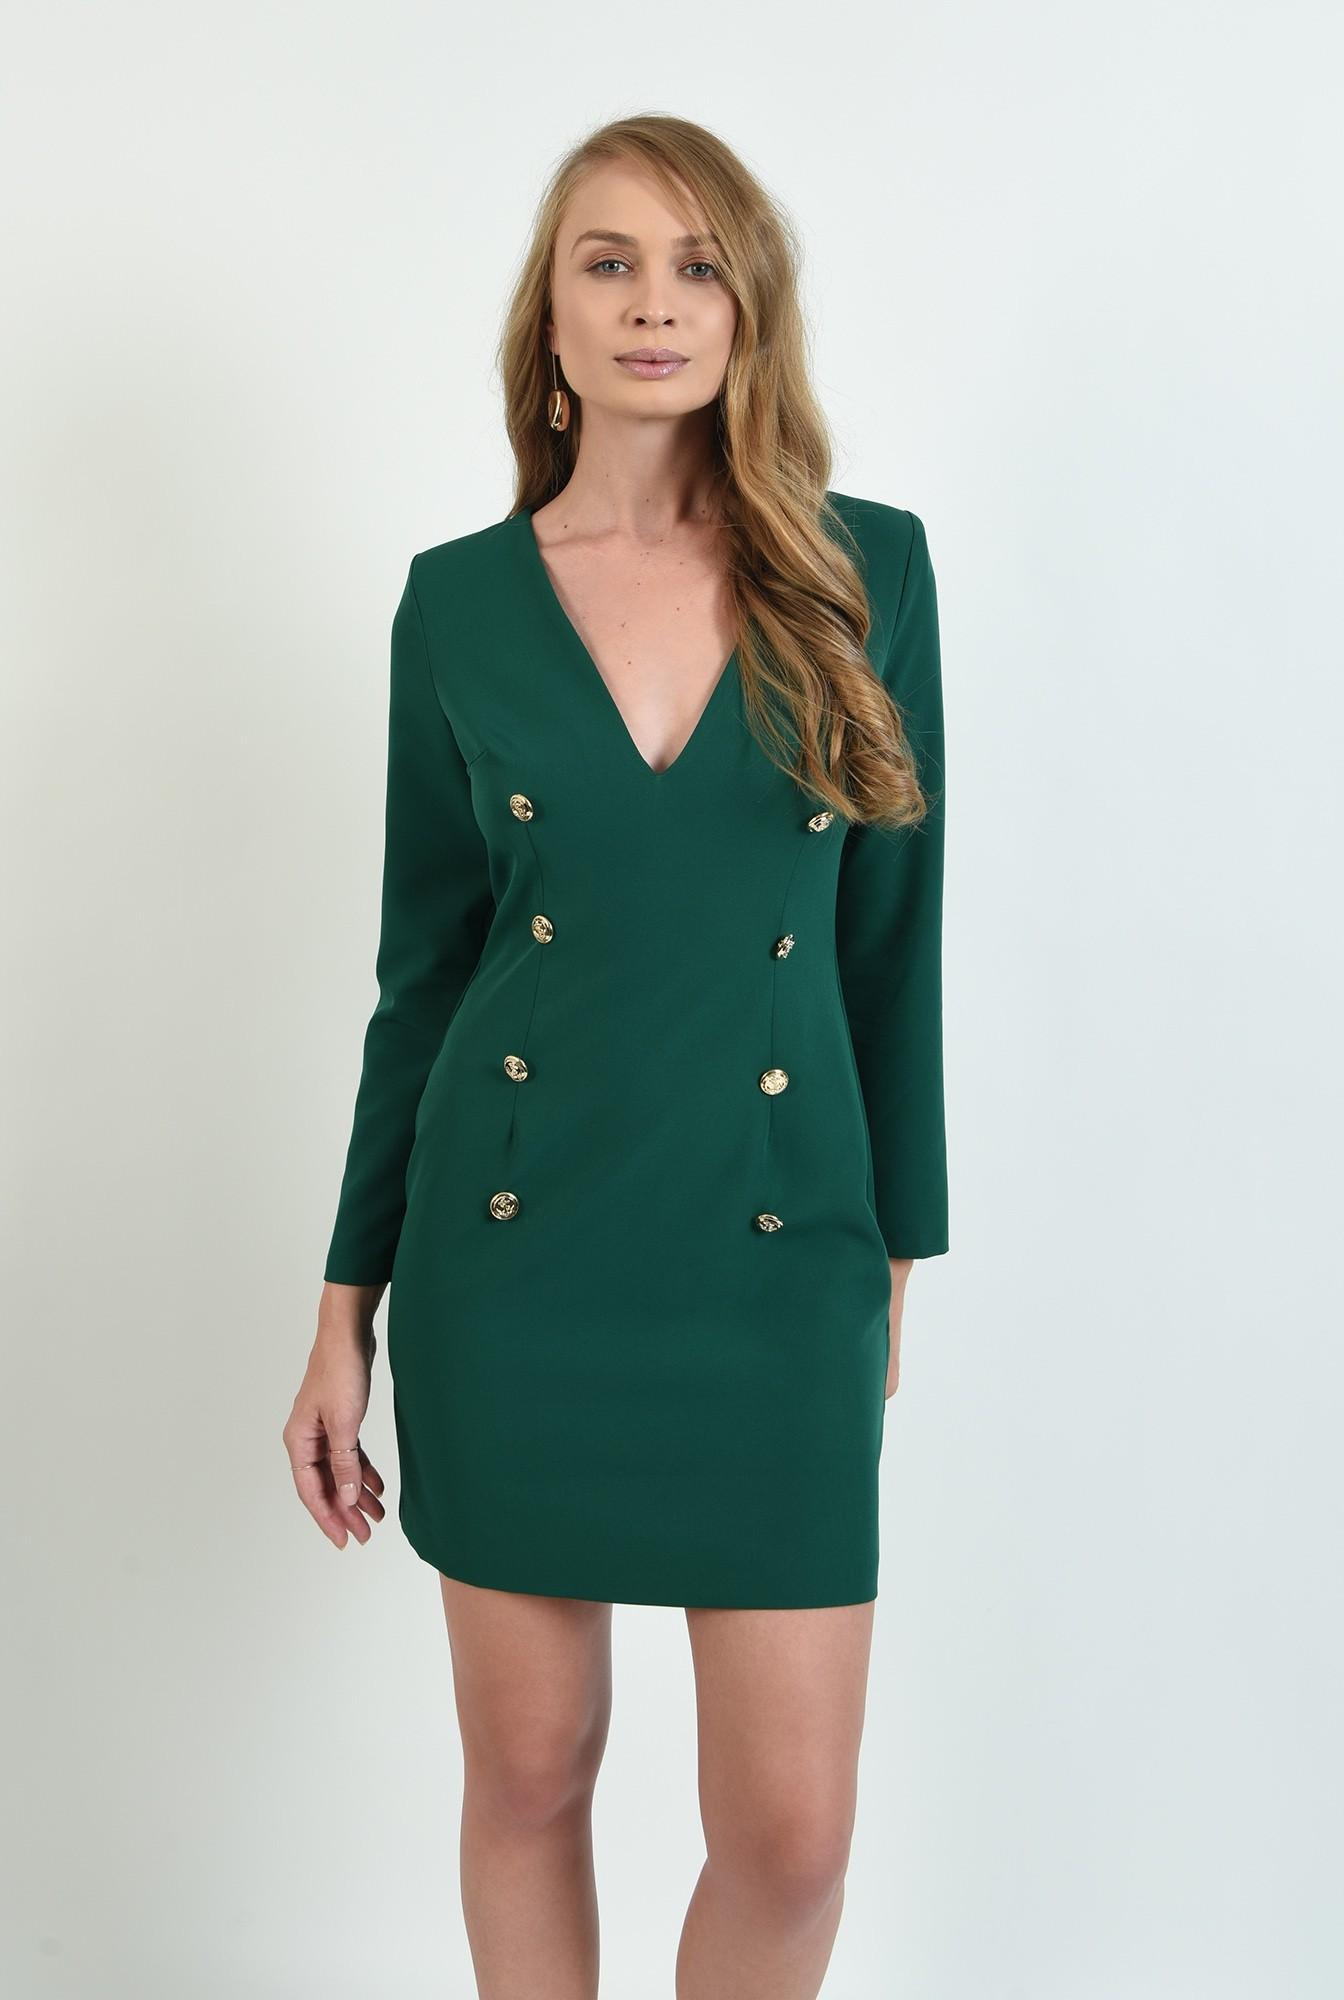 1 - rochie verde, scurta, cu nasturi multipli